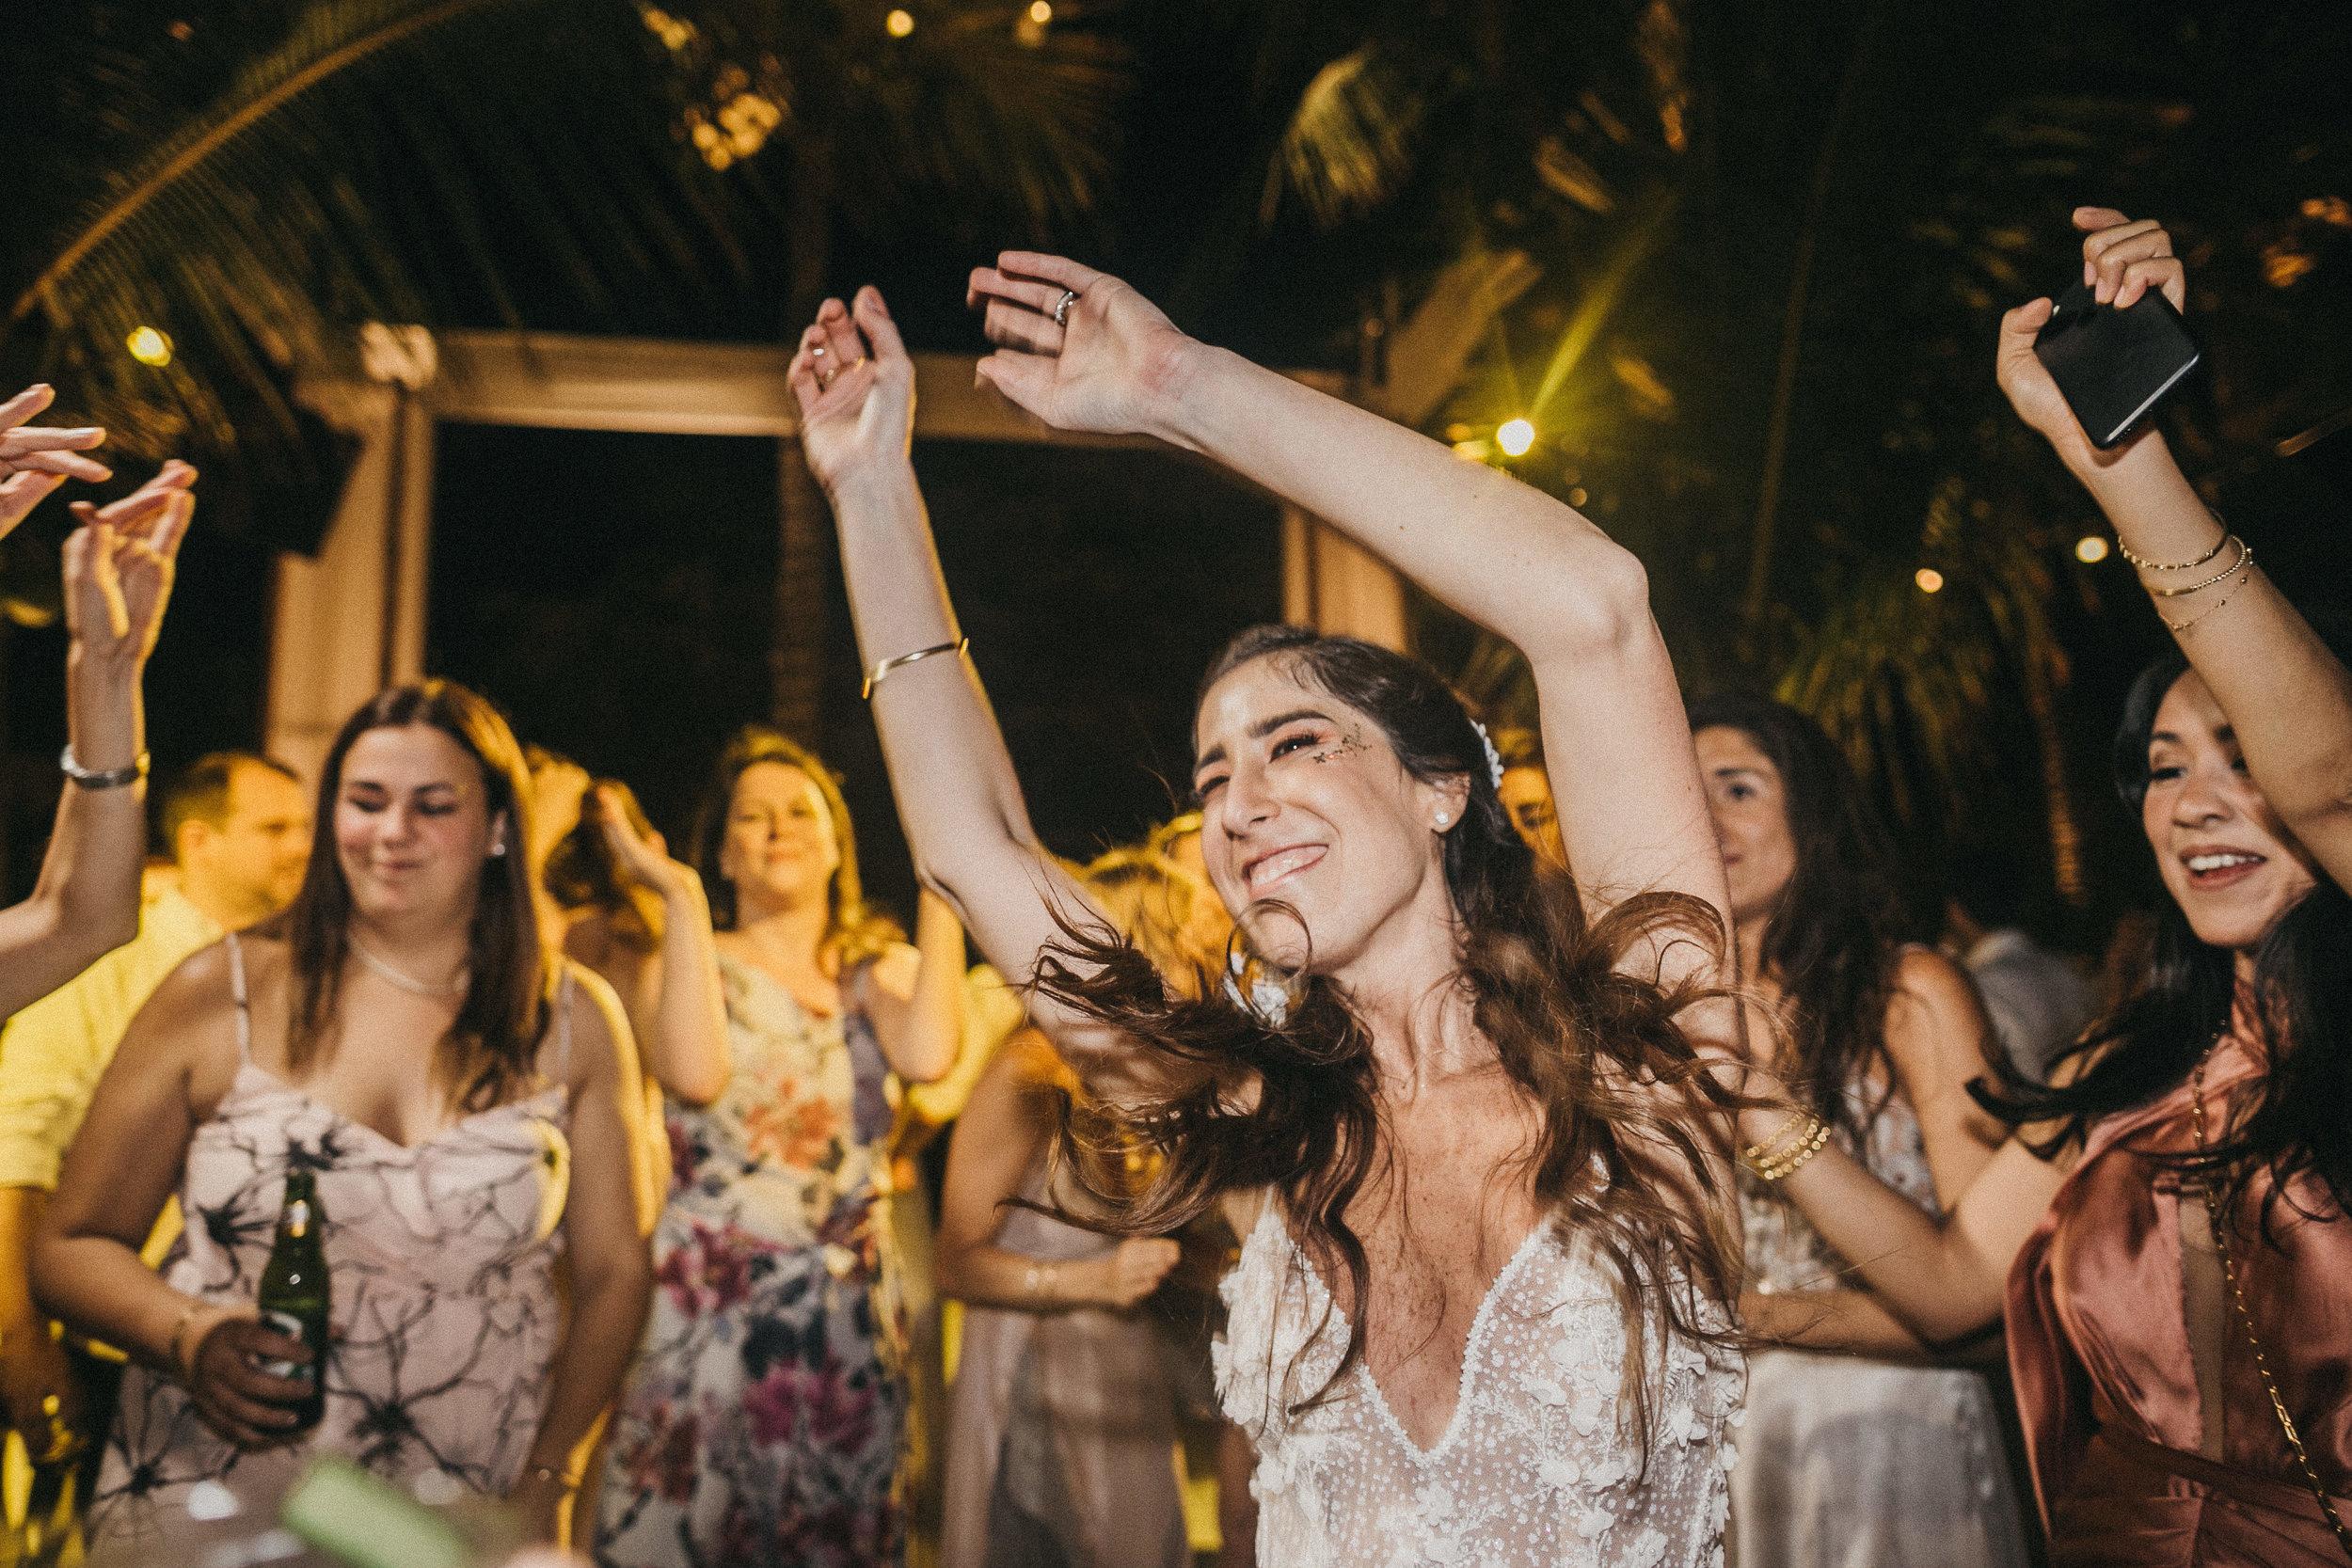 Fotografo de bodas españa serafin castillo wedding photographer spain 065.jpg